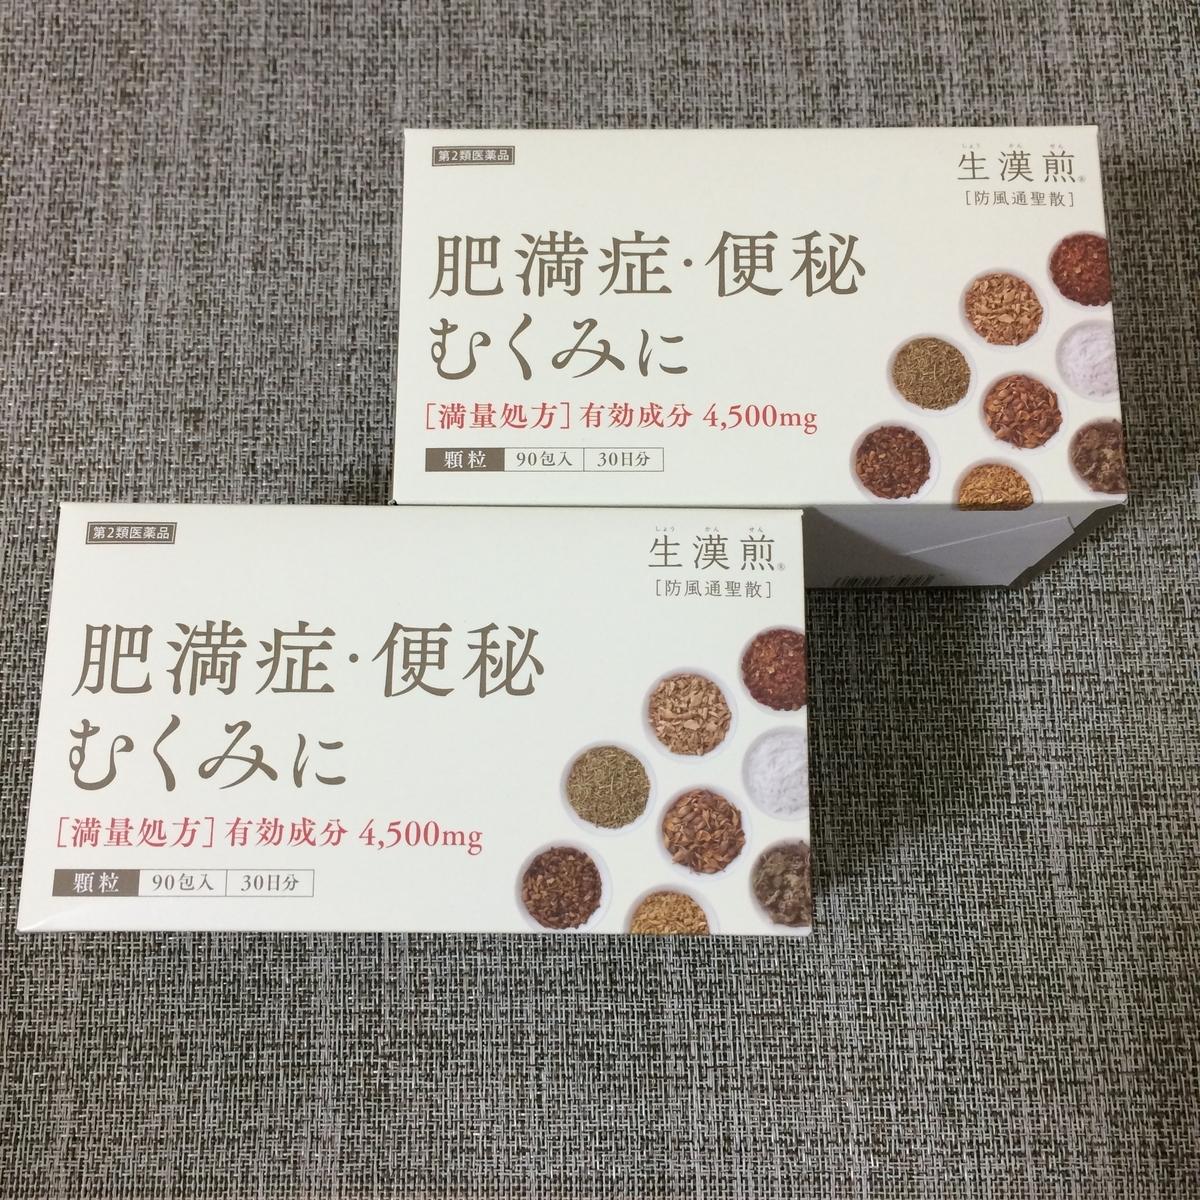 f:id:misumi-tomo:20190805182005j:plain